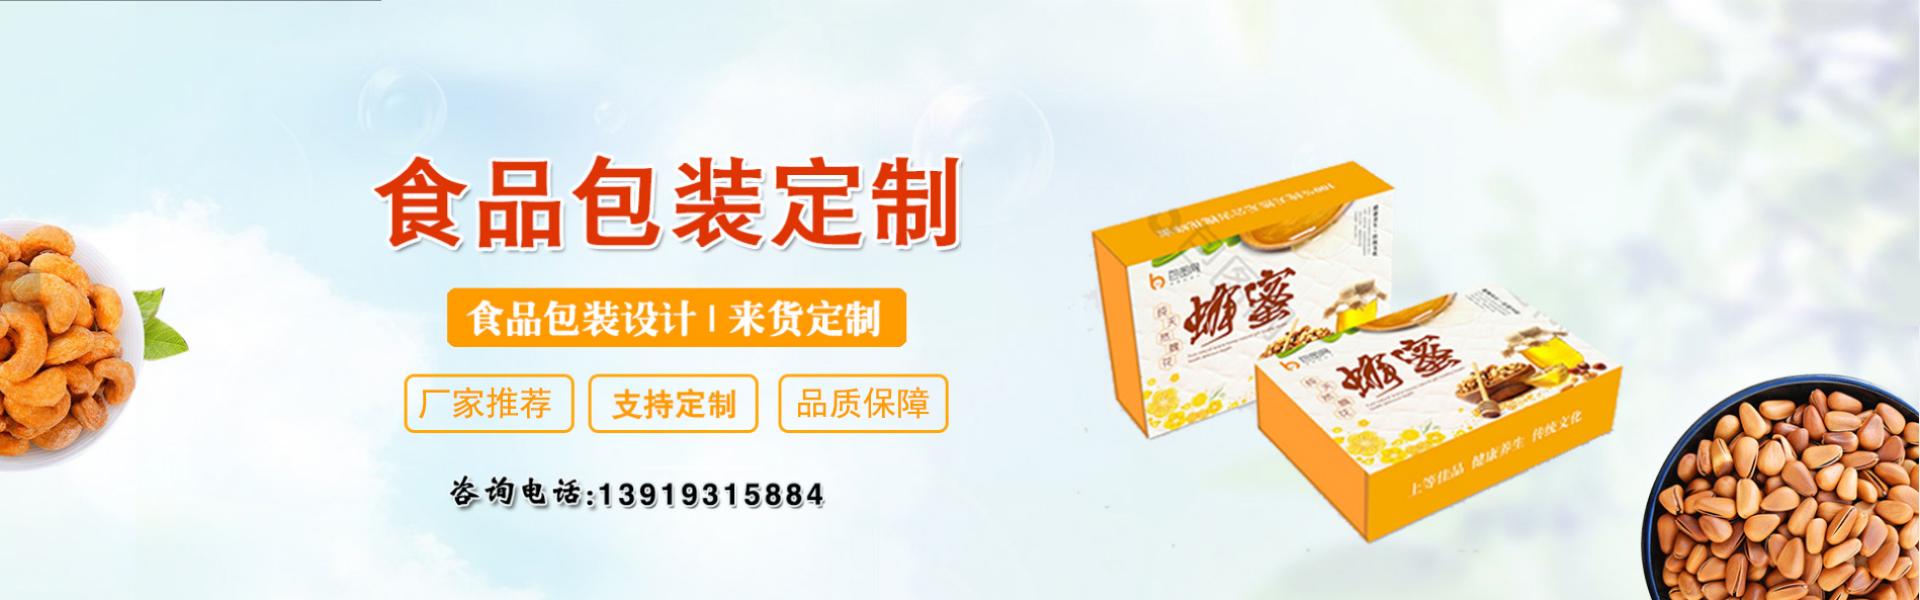 甘肃定兴包装有限公司(www.gszhixiang.com)是一家集设计与生产甘肃兰州纸箱厂,兰州纸箱包装,兰州包装盒设计,兰州精品礼盒的厂家。业务咨询:13919315884。